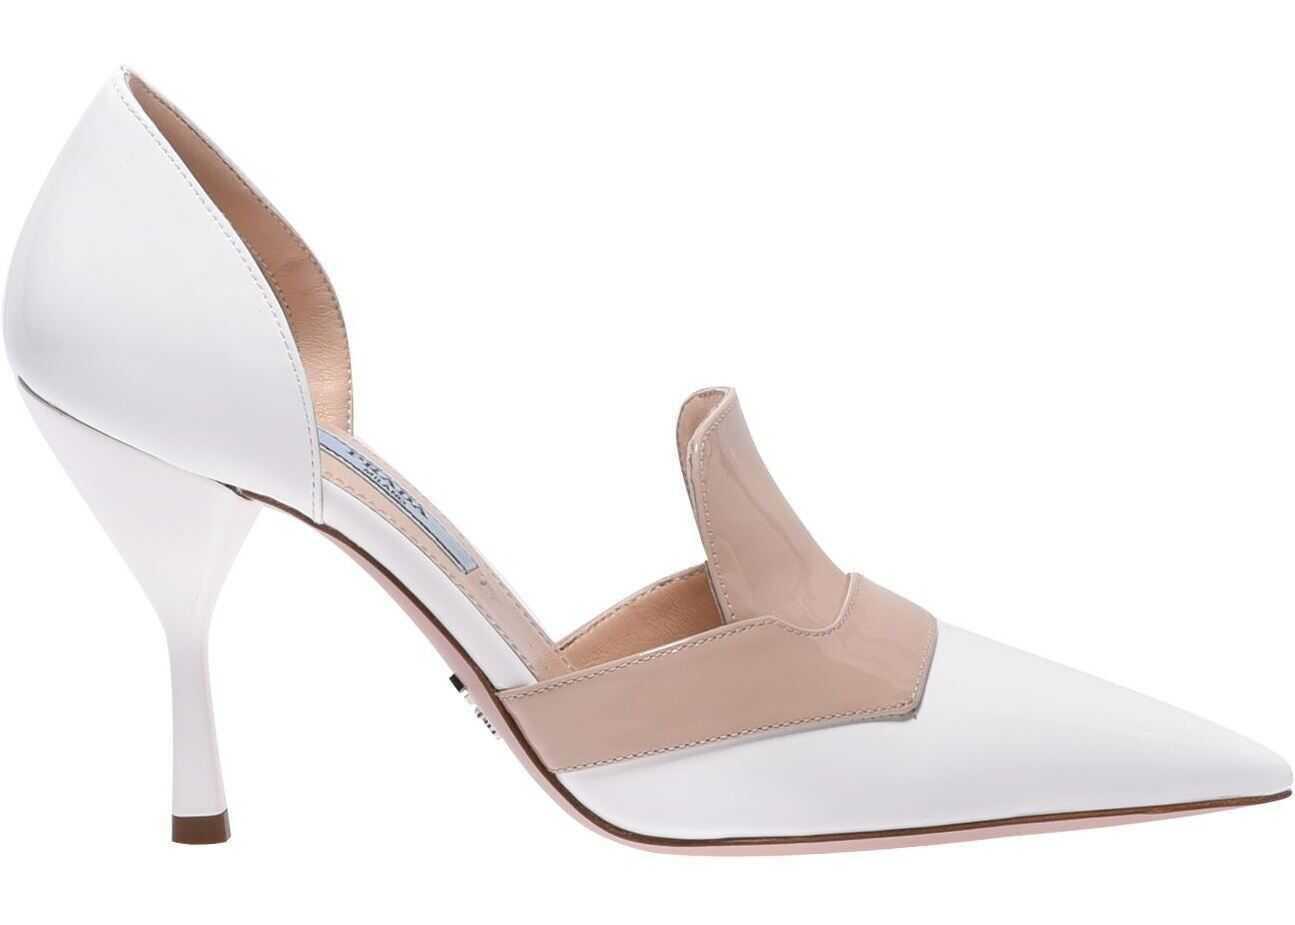 Prada Prada Bicolor Patent Leather Sandals White